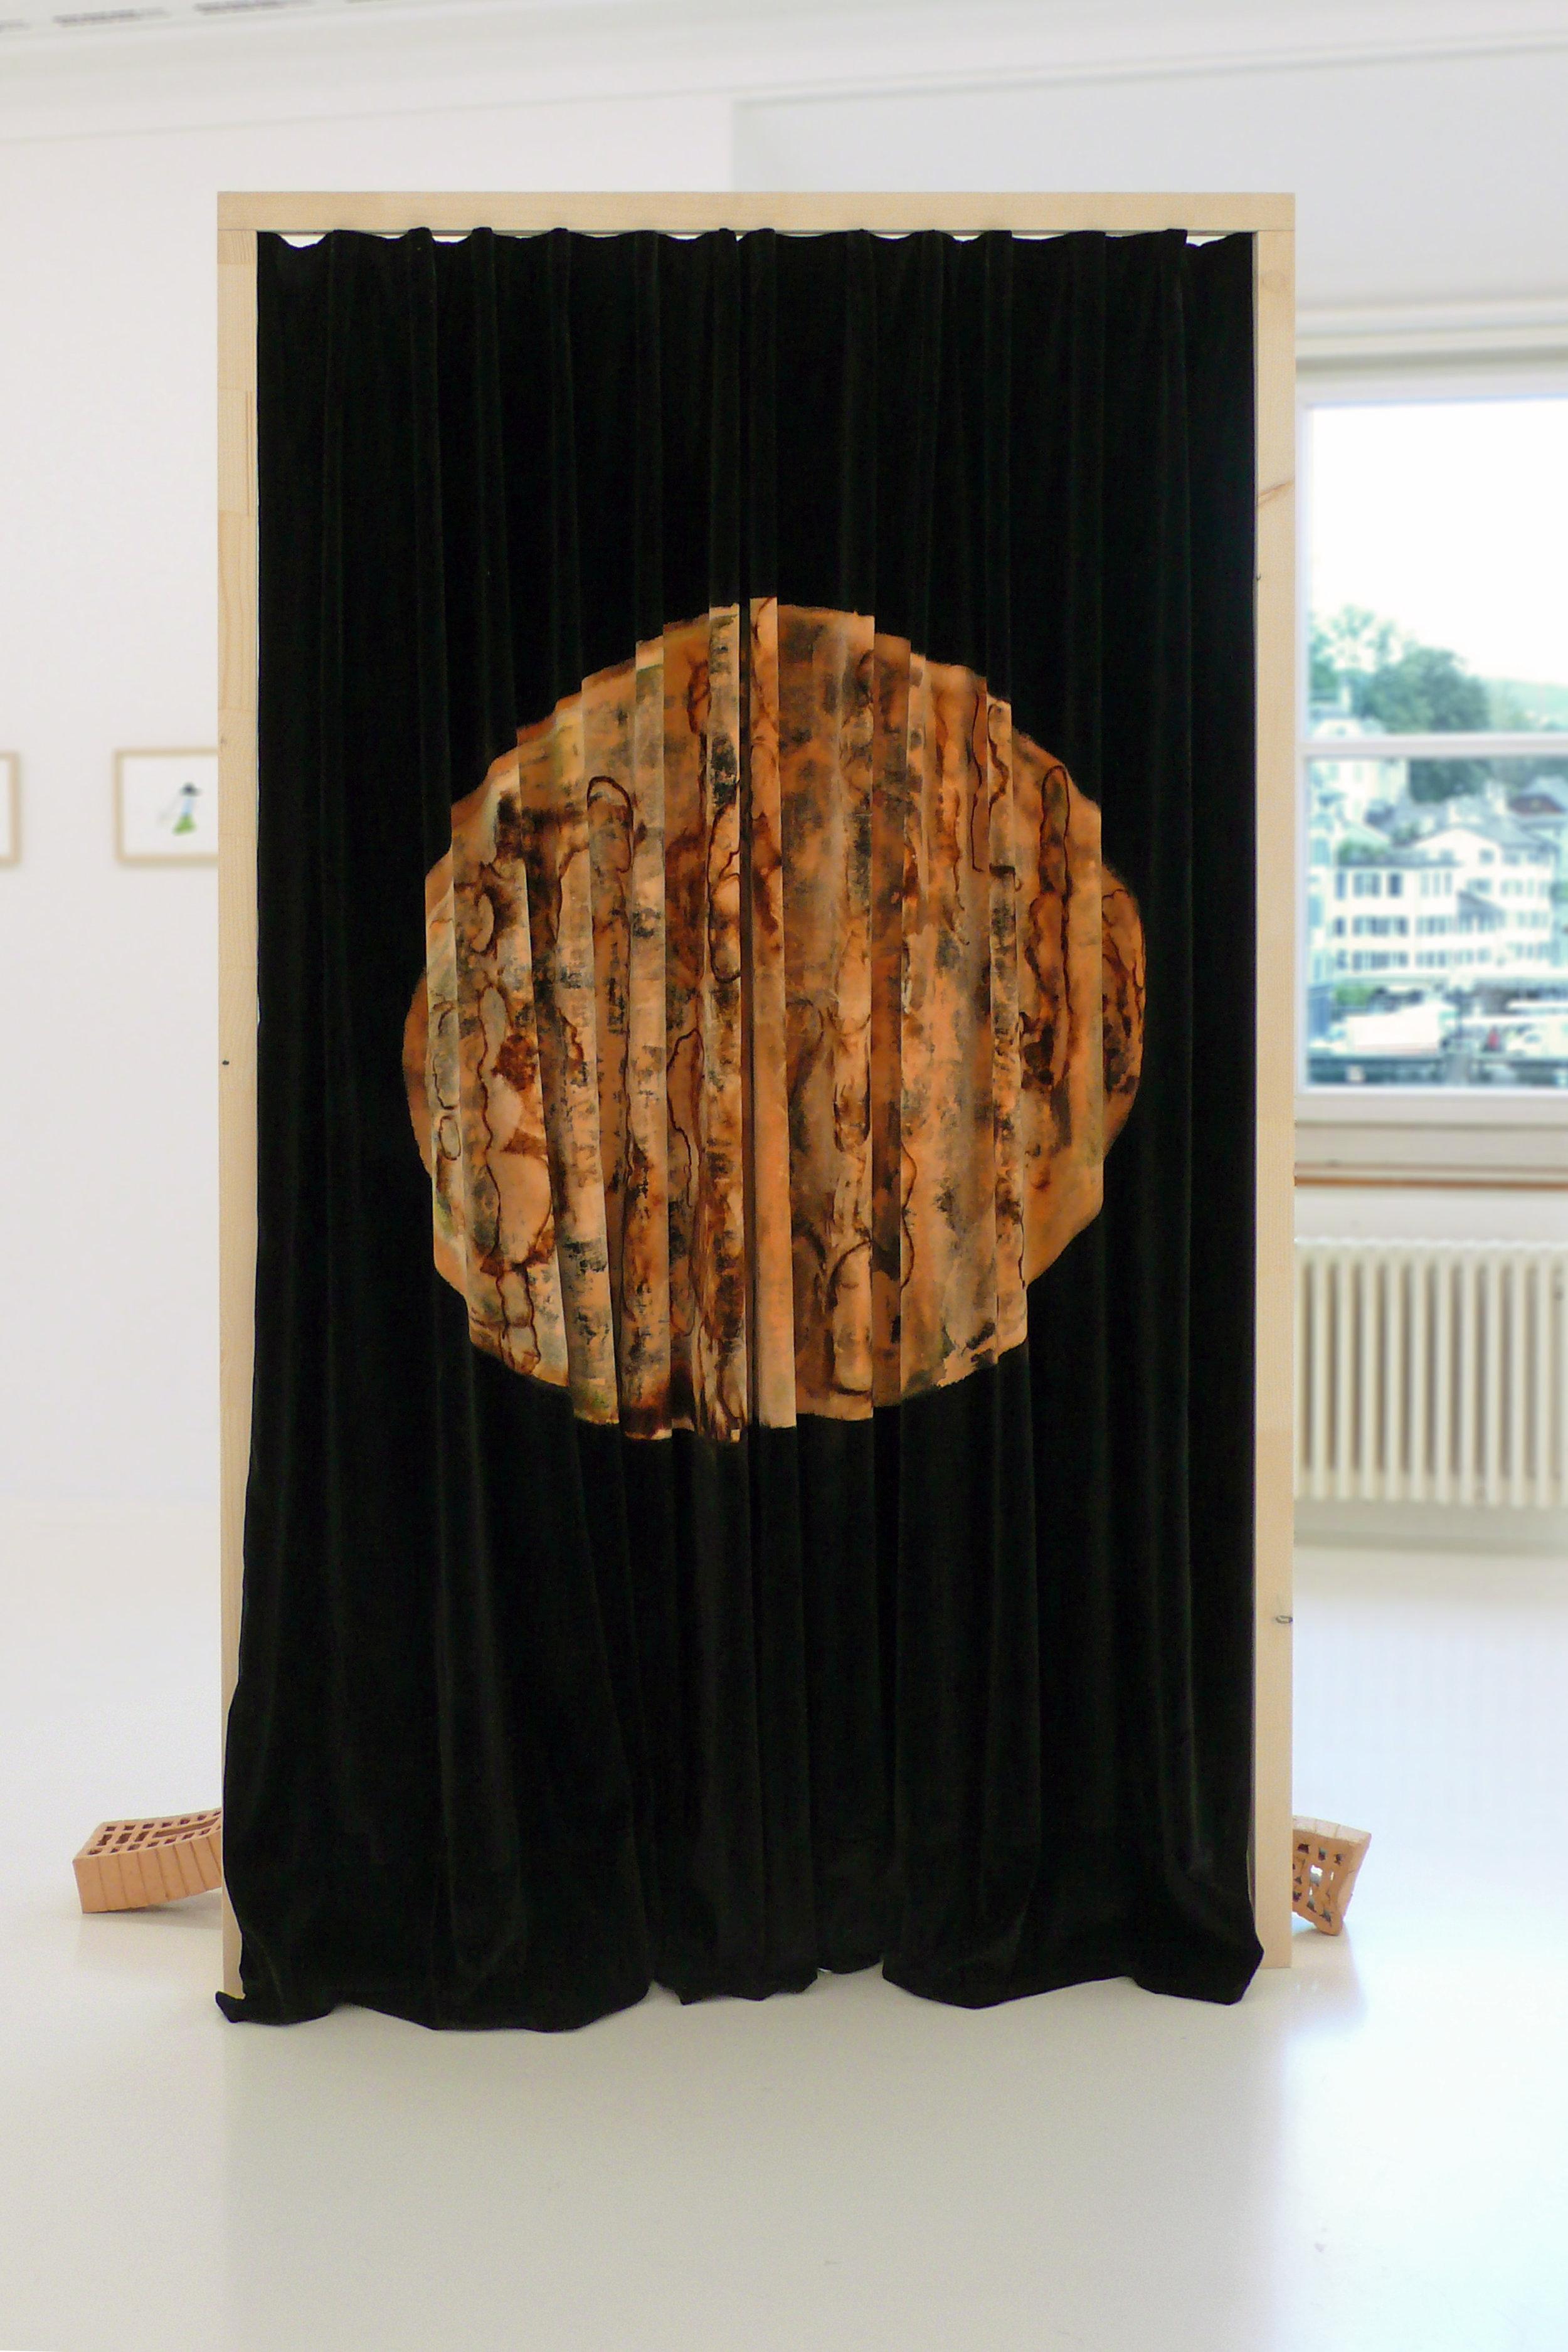 Your Future is My Past, 2010 Holz, Samt, Ton gebrannt 220x 130 x 100 cm Ankauf durch Stadt Zürich